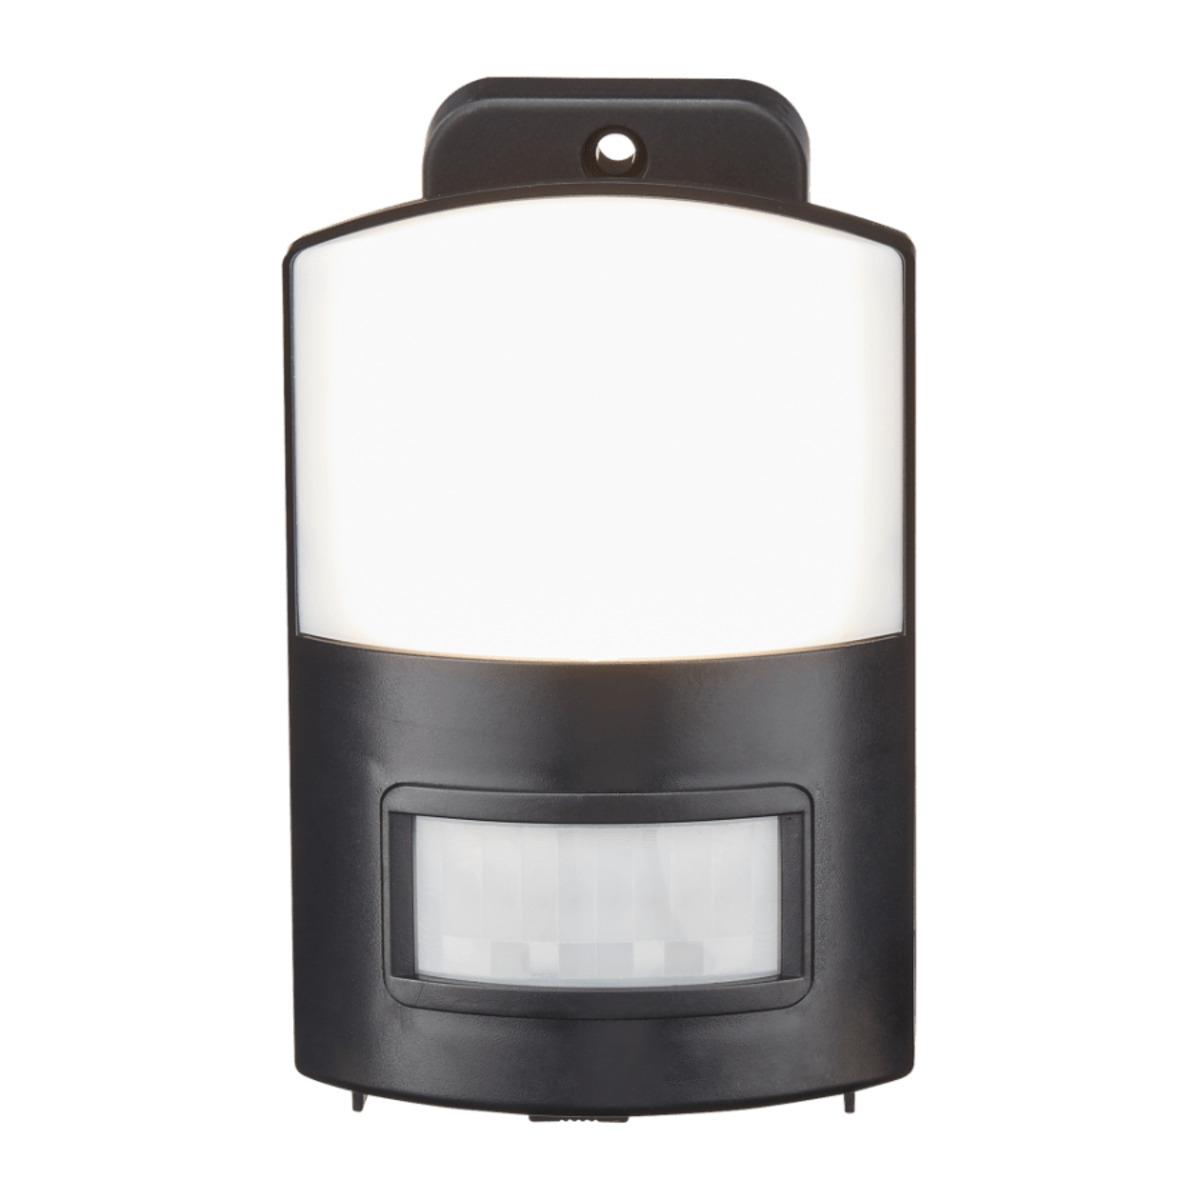 Bild 4 von LIGHTZONE     LED Leuchte mit Bewegungsmelder